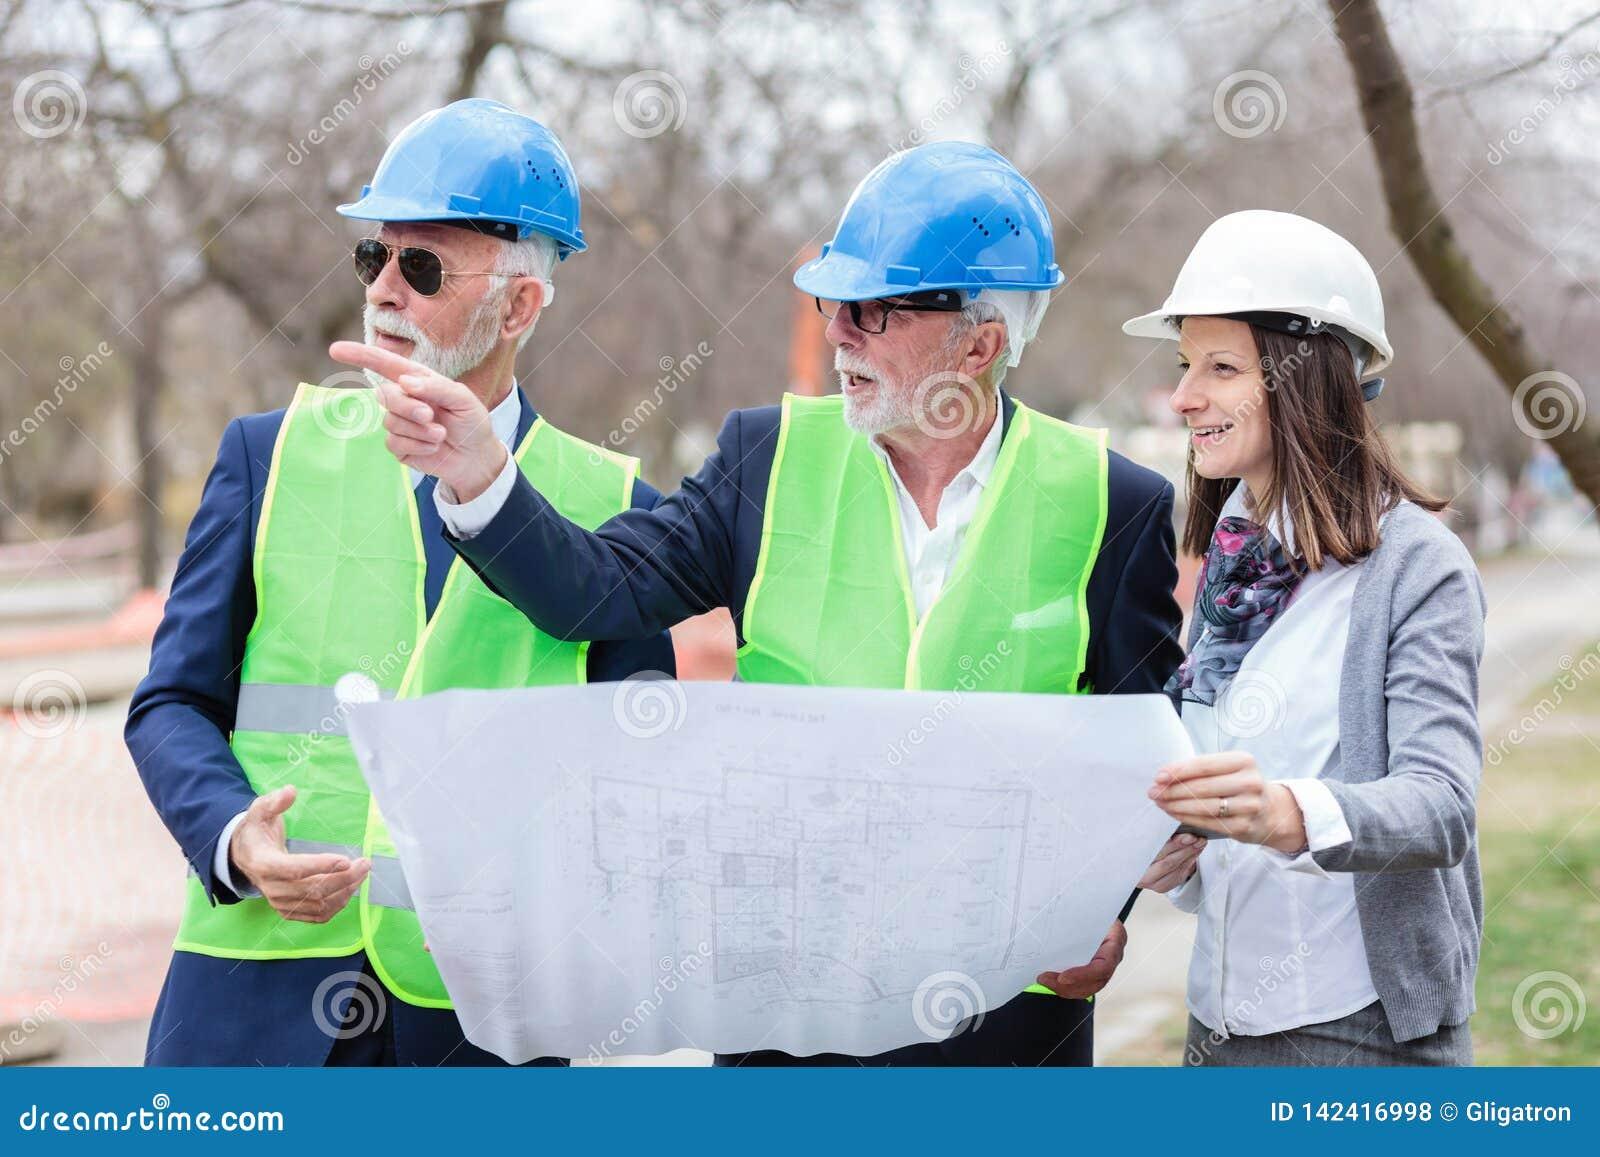 Groupe mixte d architectes et d associés discutant des détails de projet pendant l inspection d un chantier de construction